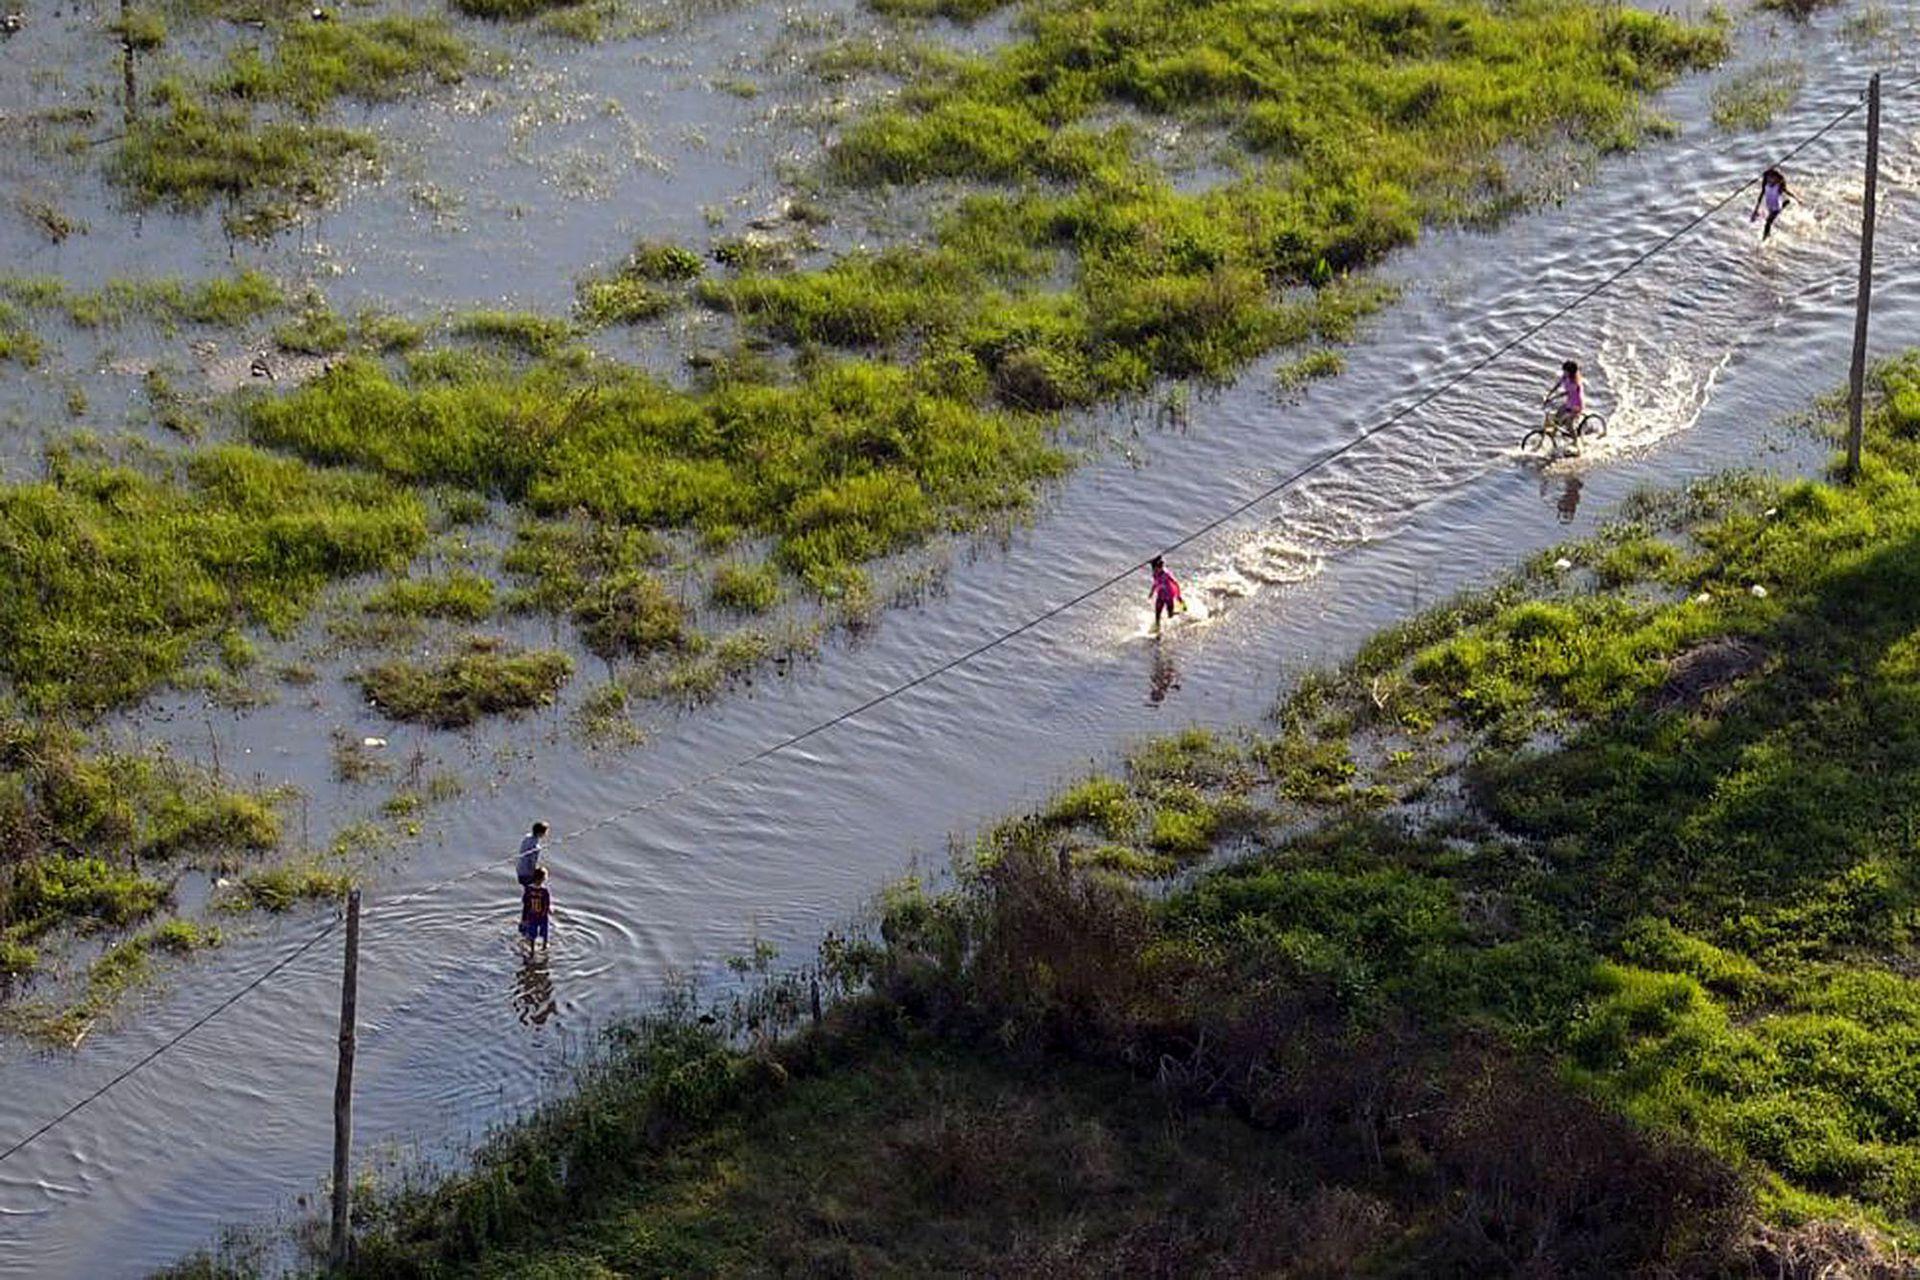 Algunos niños juegan en una zona inundada en las afueras de la ciudad de La Plata